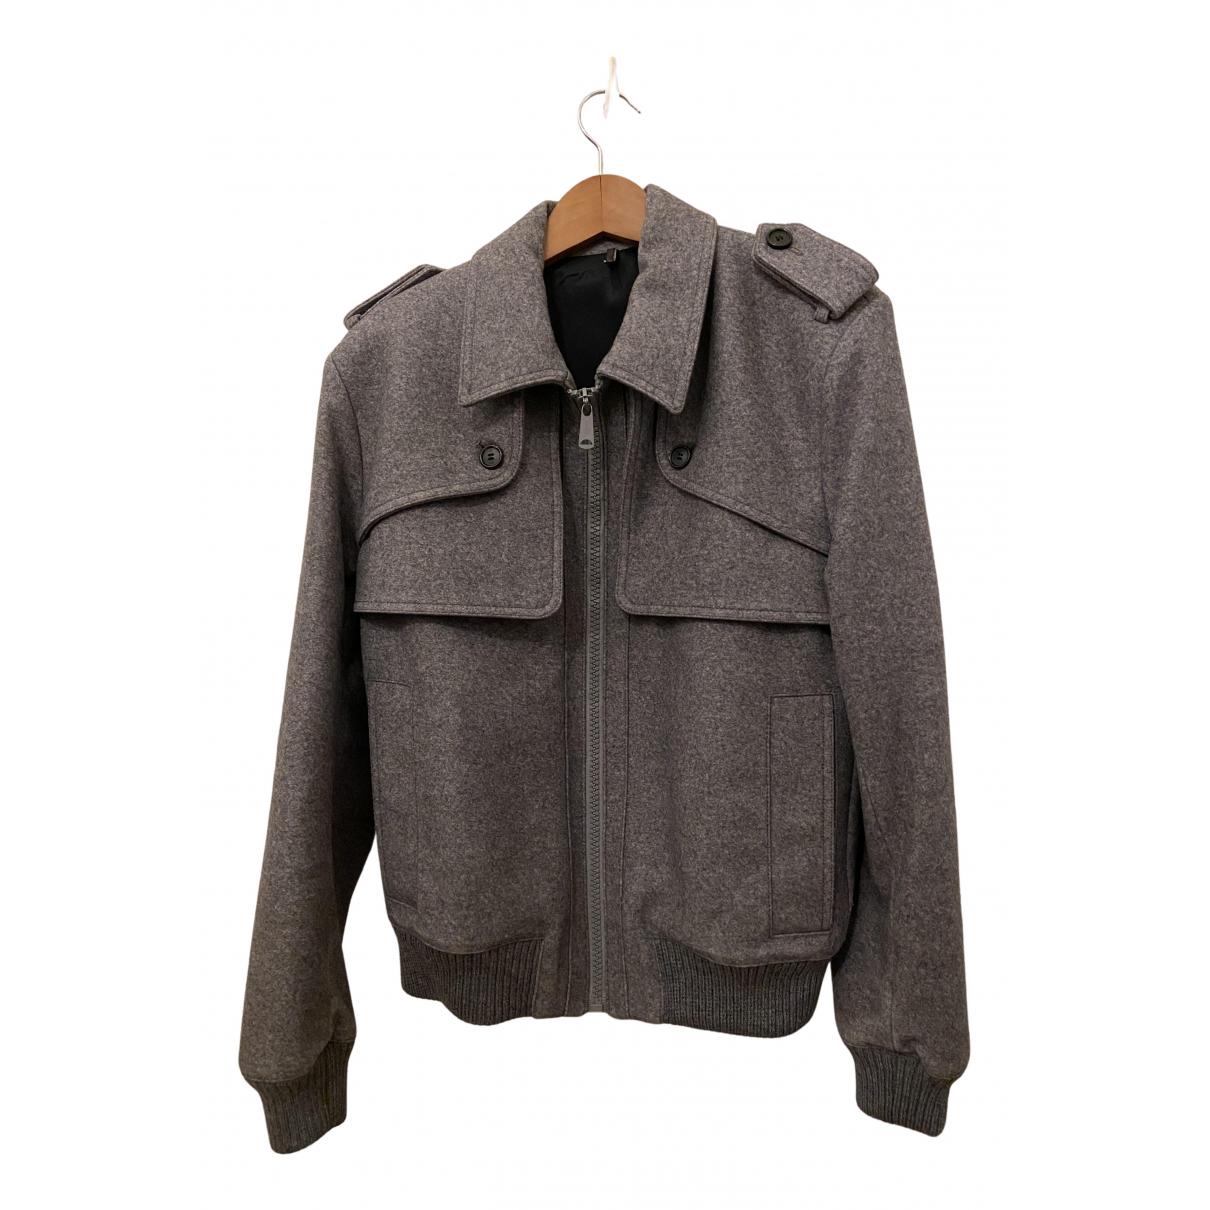 Dior Homme - Vestes.Blousons   pour homme en laine - gris